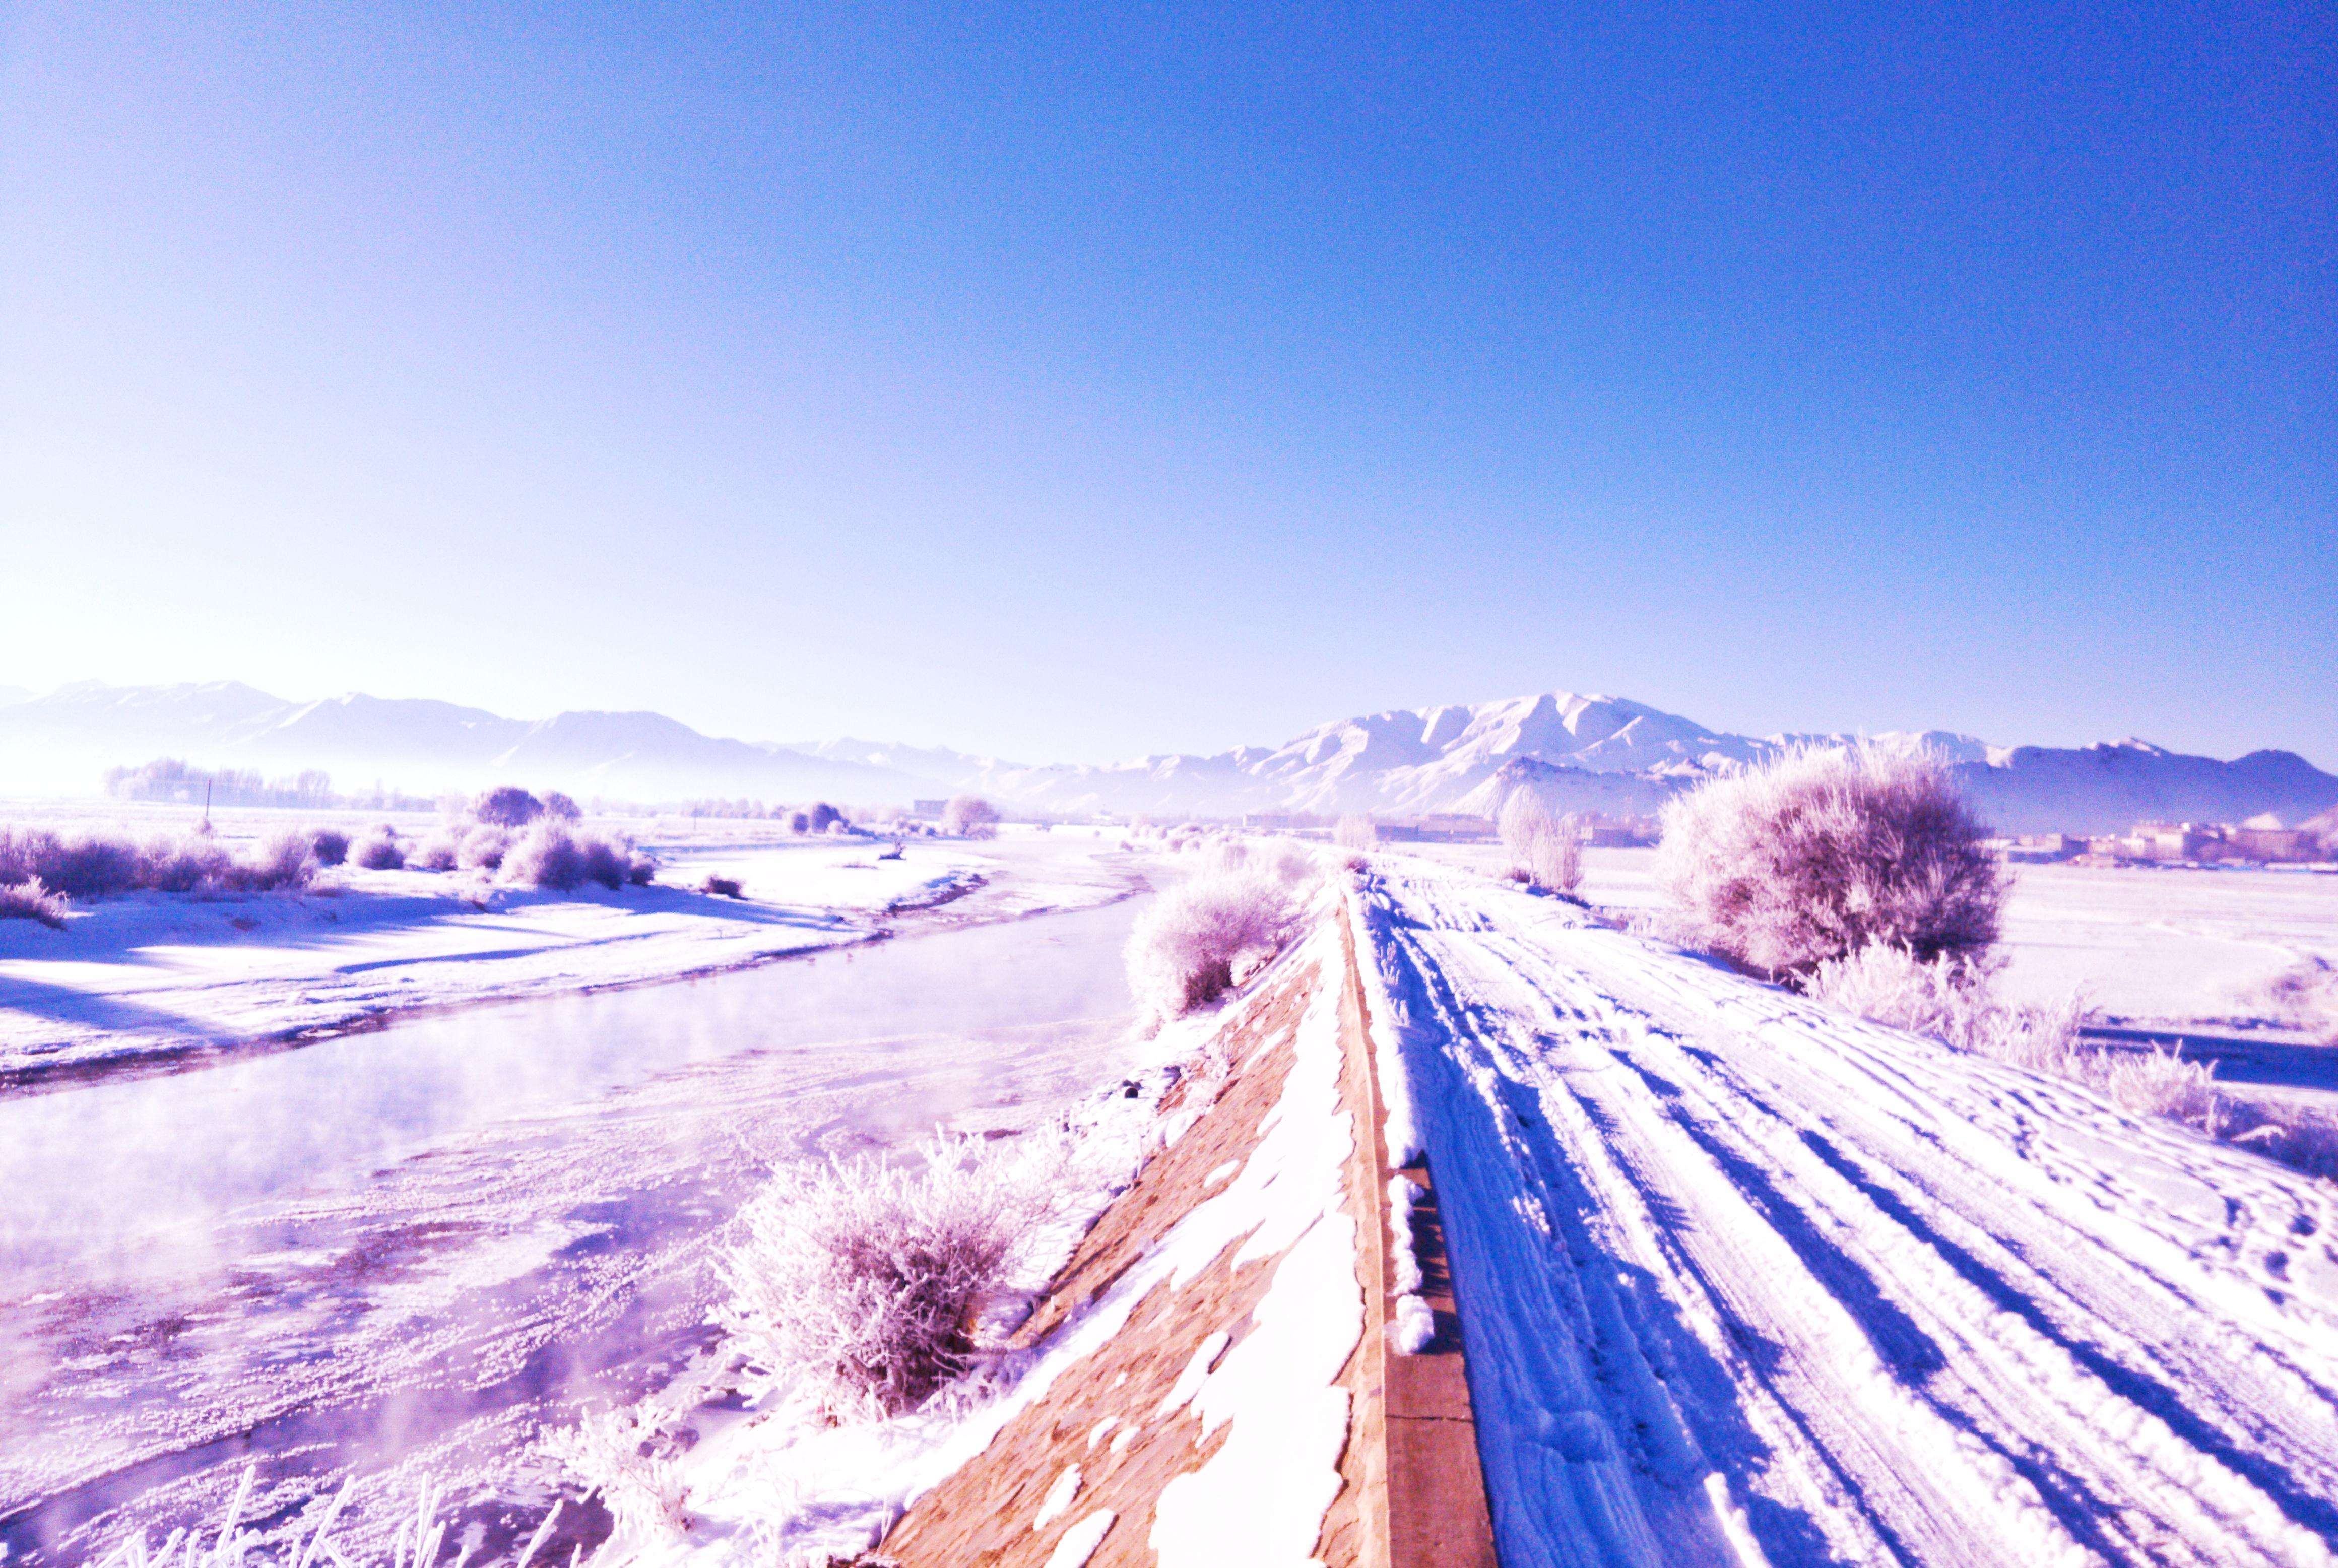 雪景43.jpg